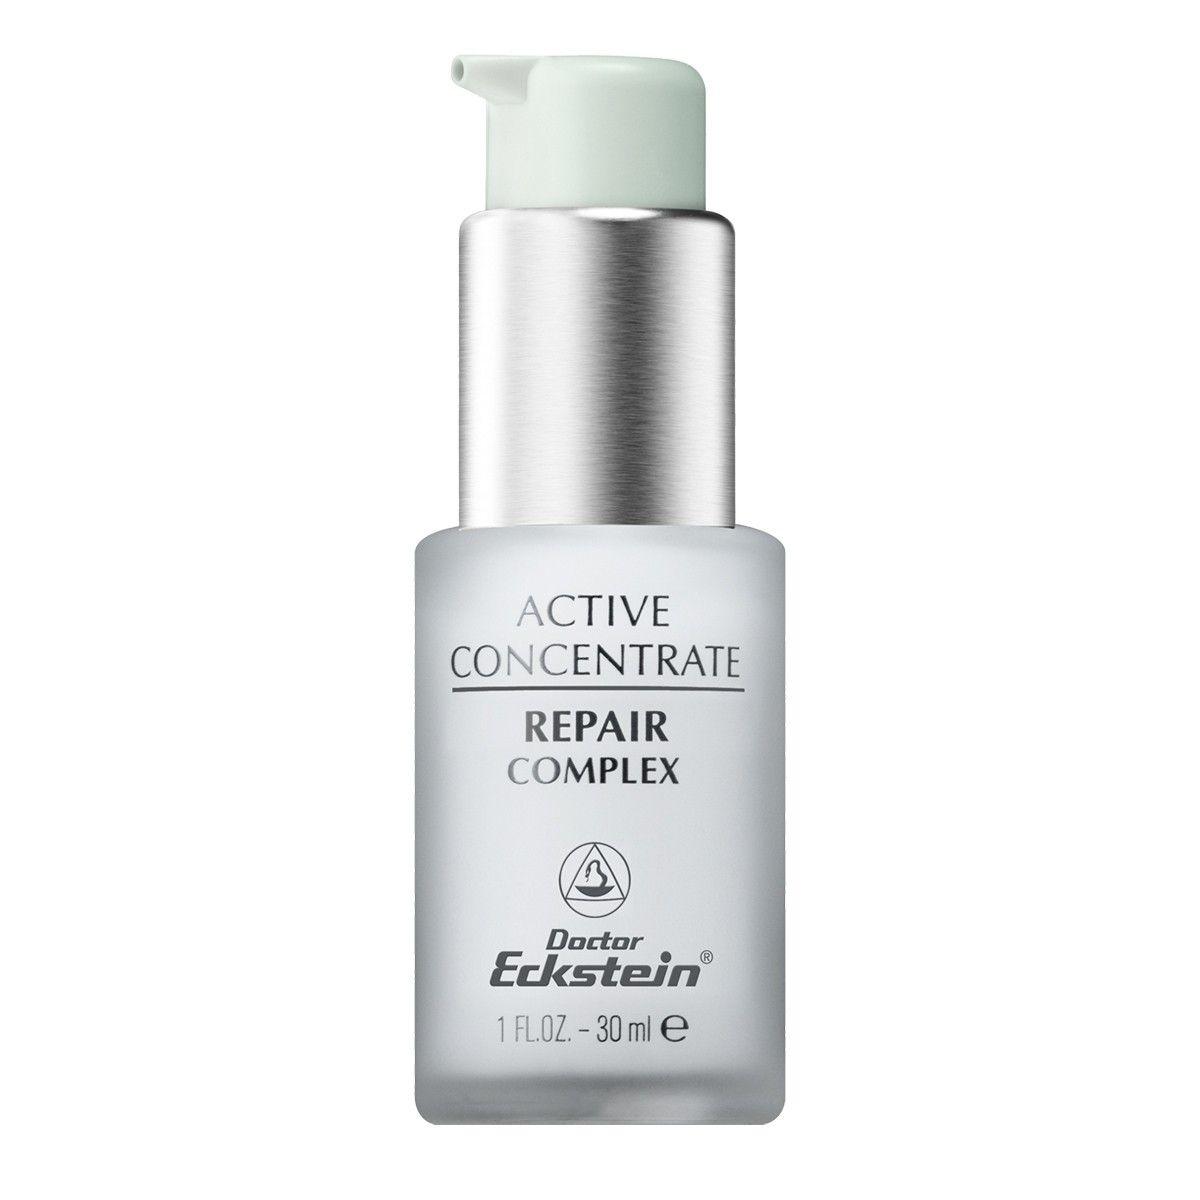 Afbeelding van Dr. Eckstein Active Concentrate Repair Complex 30Ml Serum & concentraten Vermoeide Huid Beauty